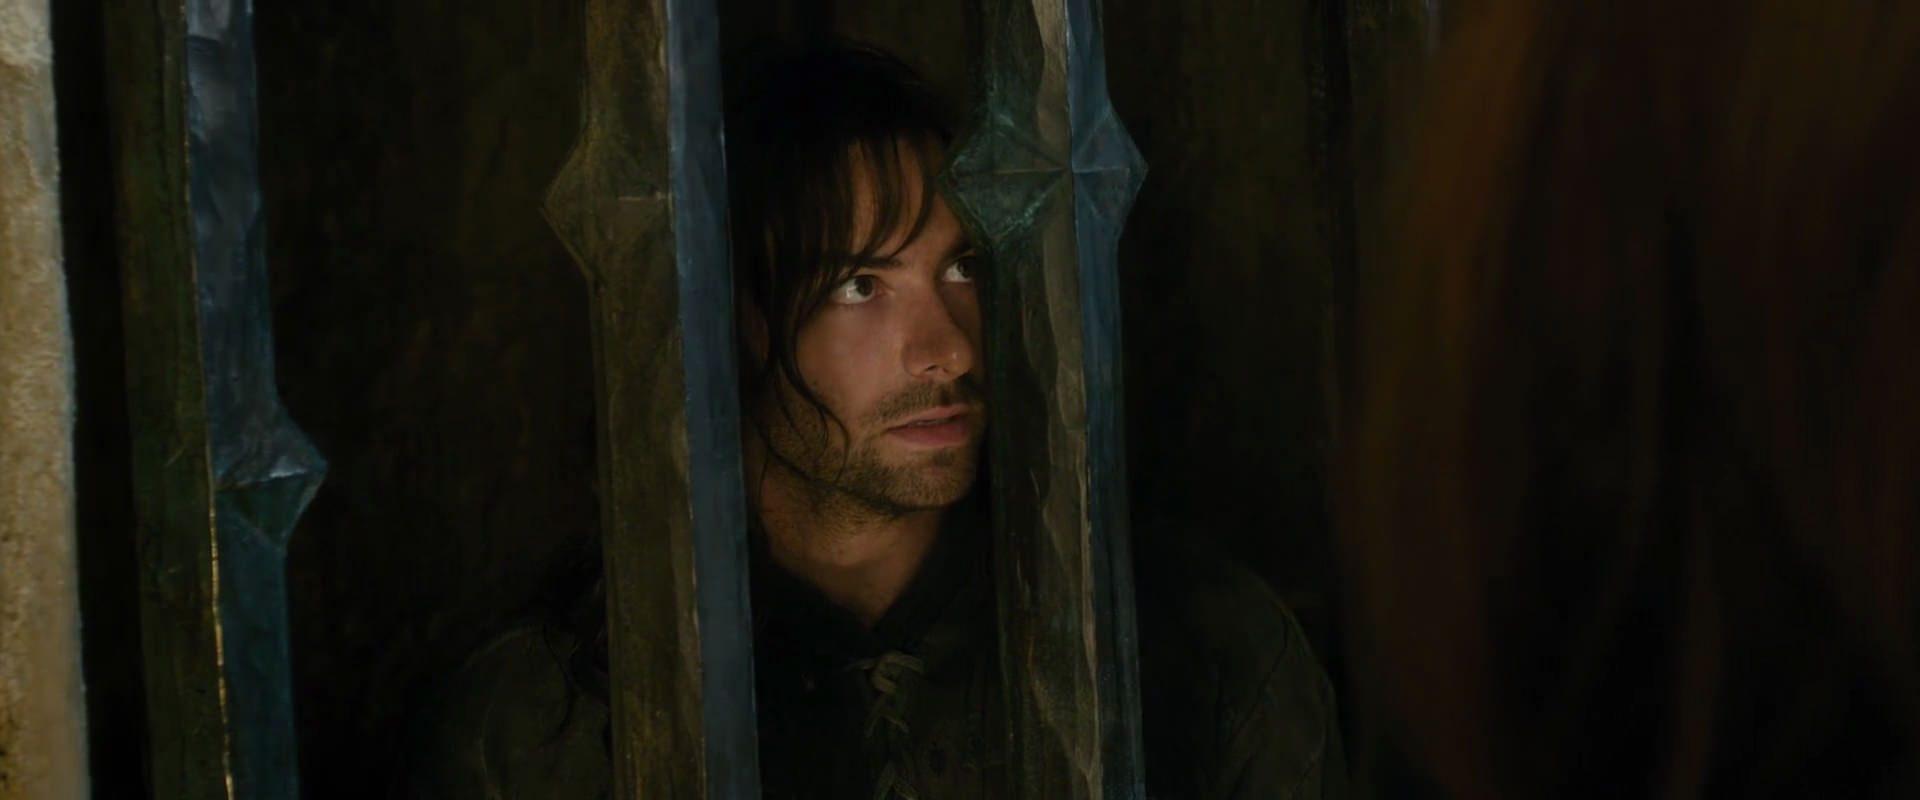 hobbit-smaug-movie-screencaps.com-6654